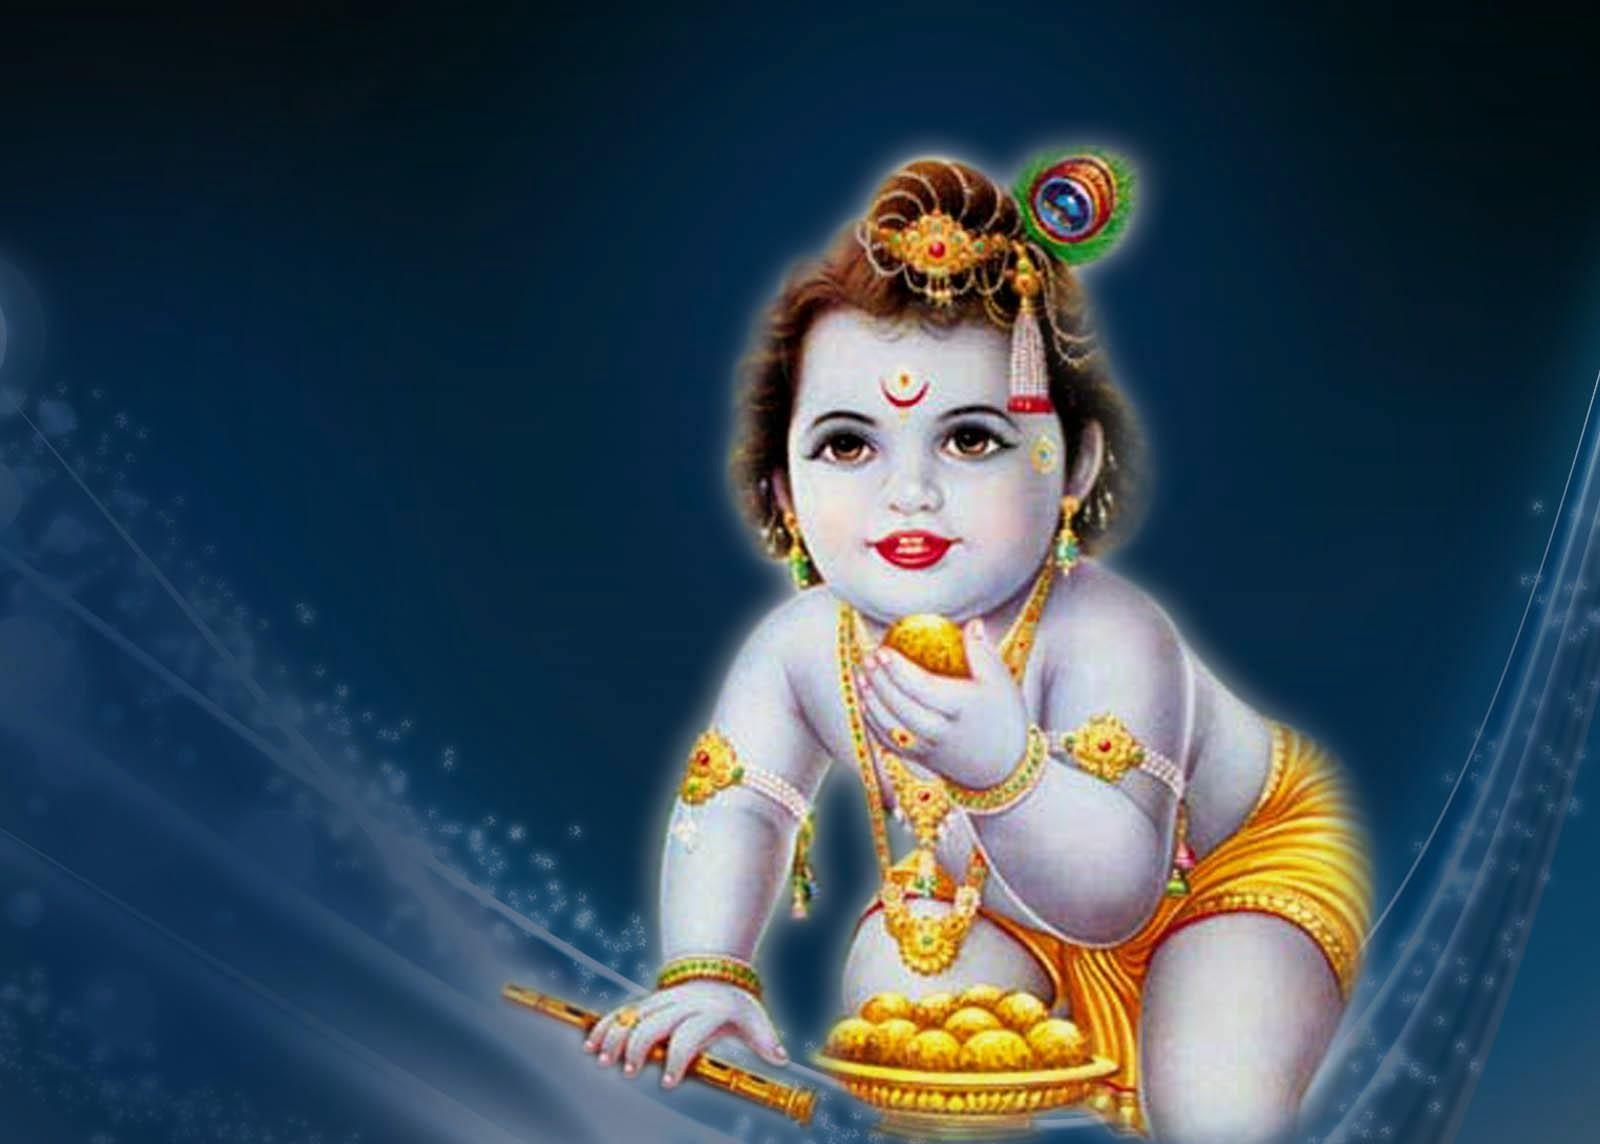 Cute Lord Bal Krishna HD Wallpaper 1080p free